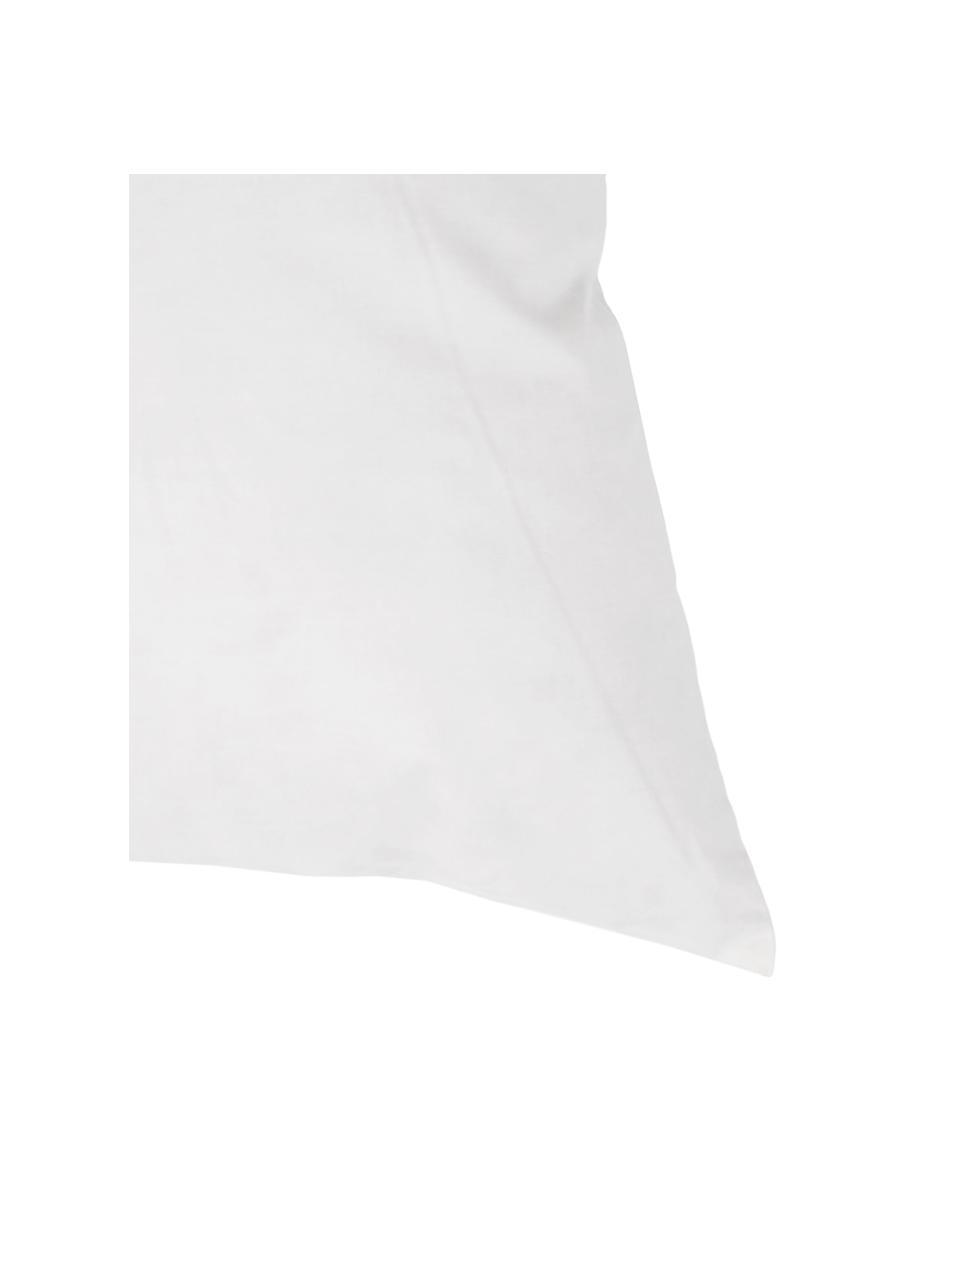 Sierkussenvulling Comfort, 45x45, veren, Wit, 45 x 45 cm